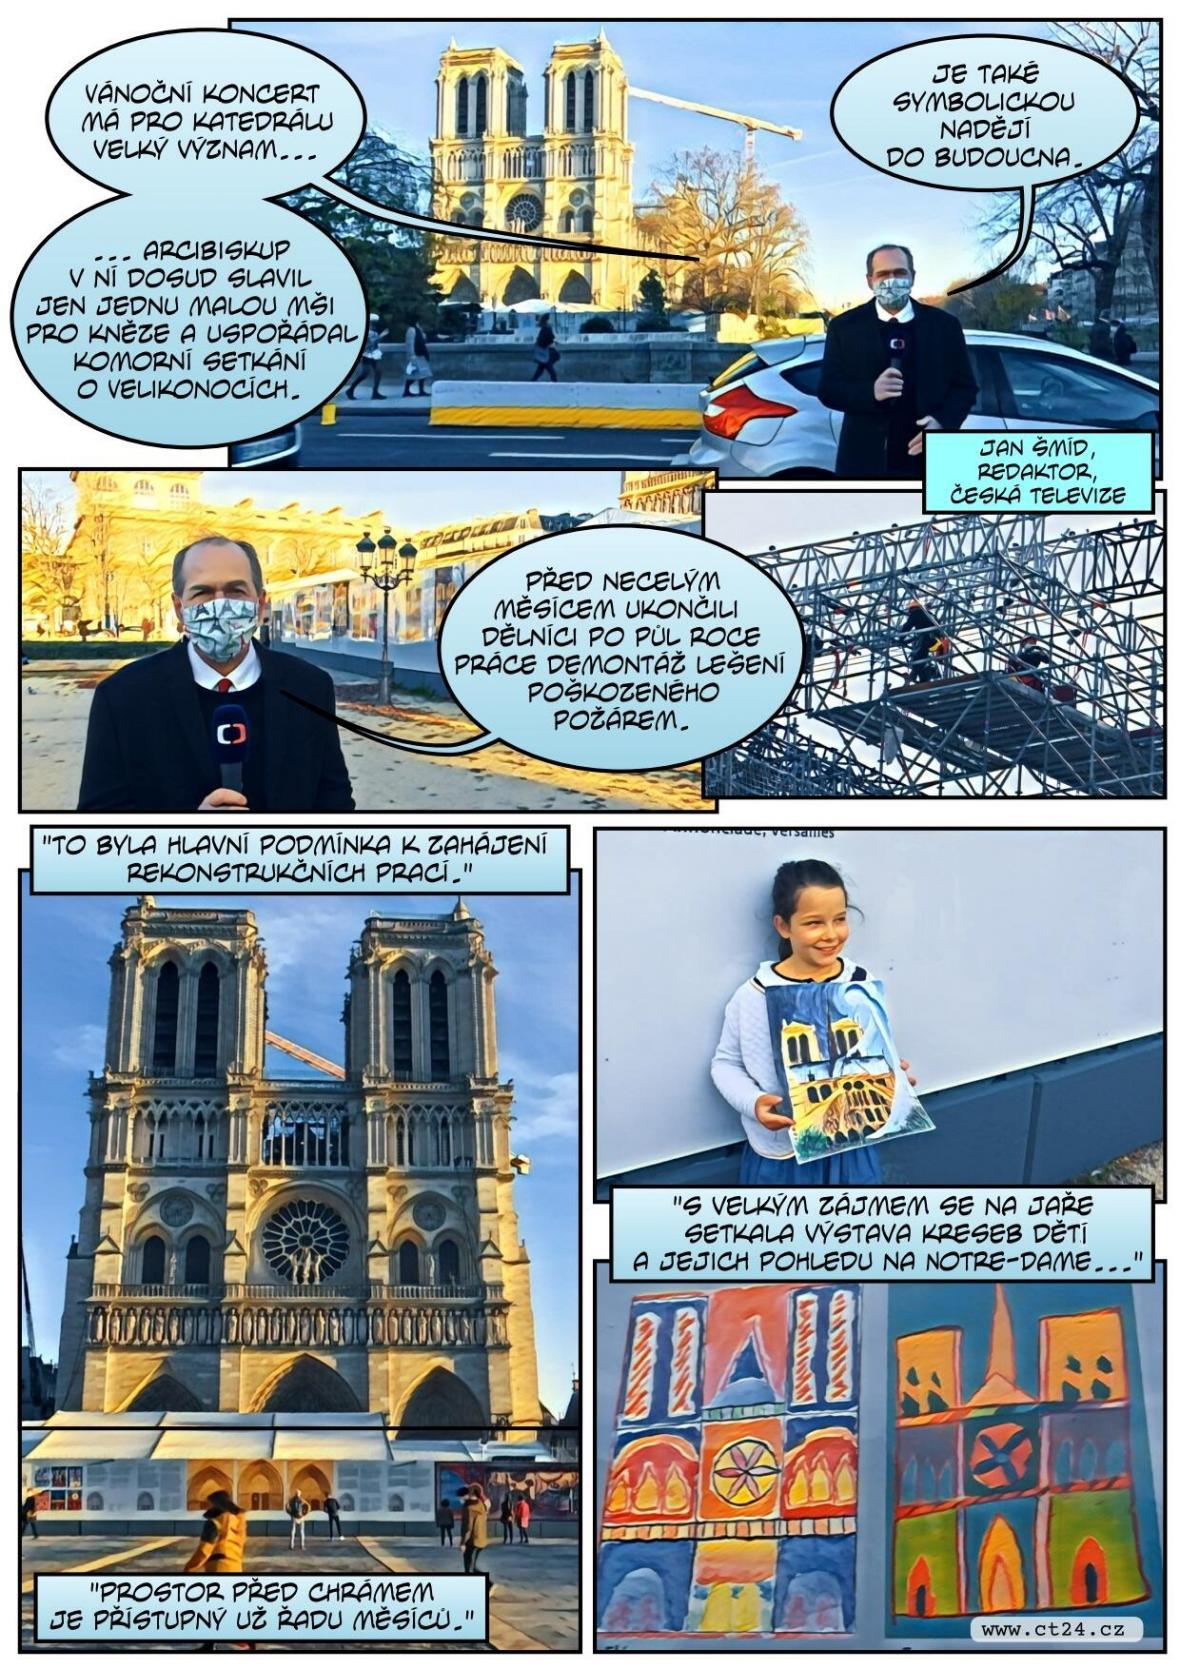 Pařížskou Notre-Dame rozezněl vánoční koncert